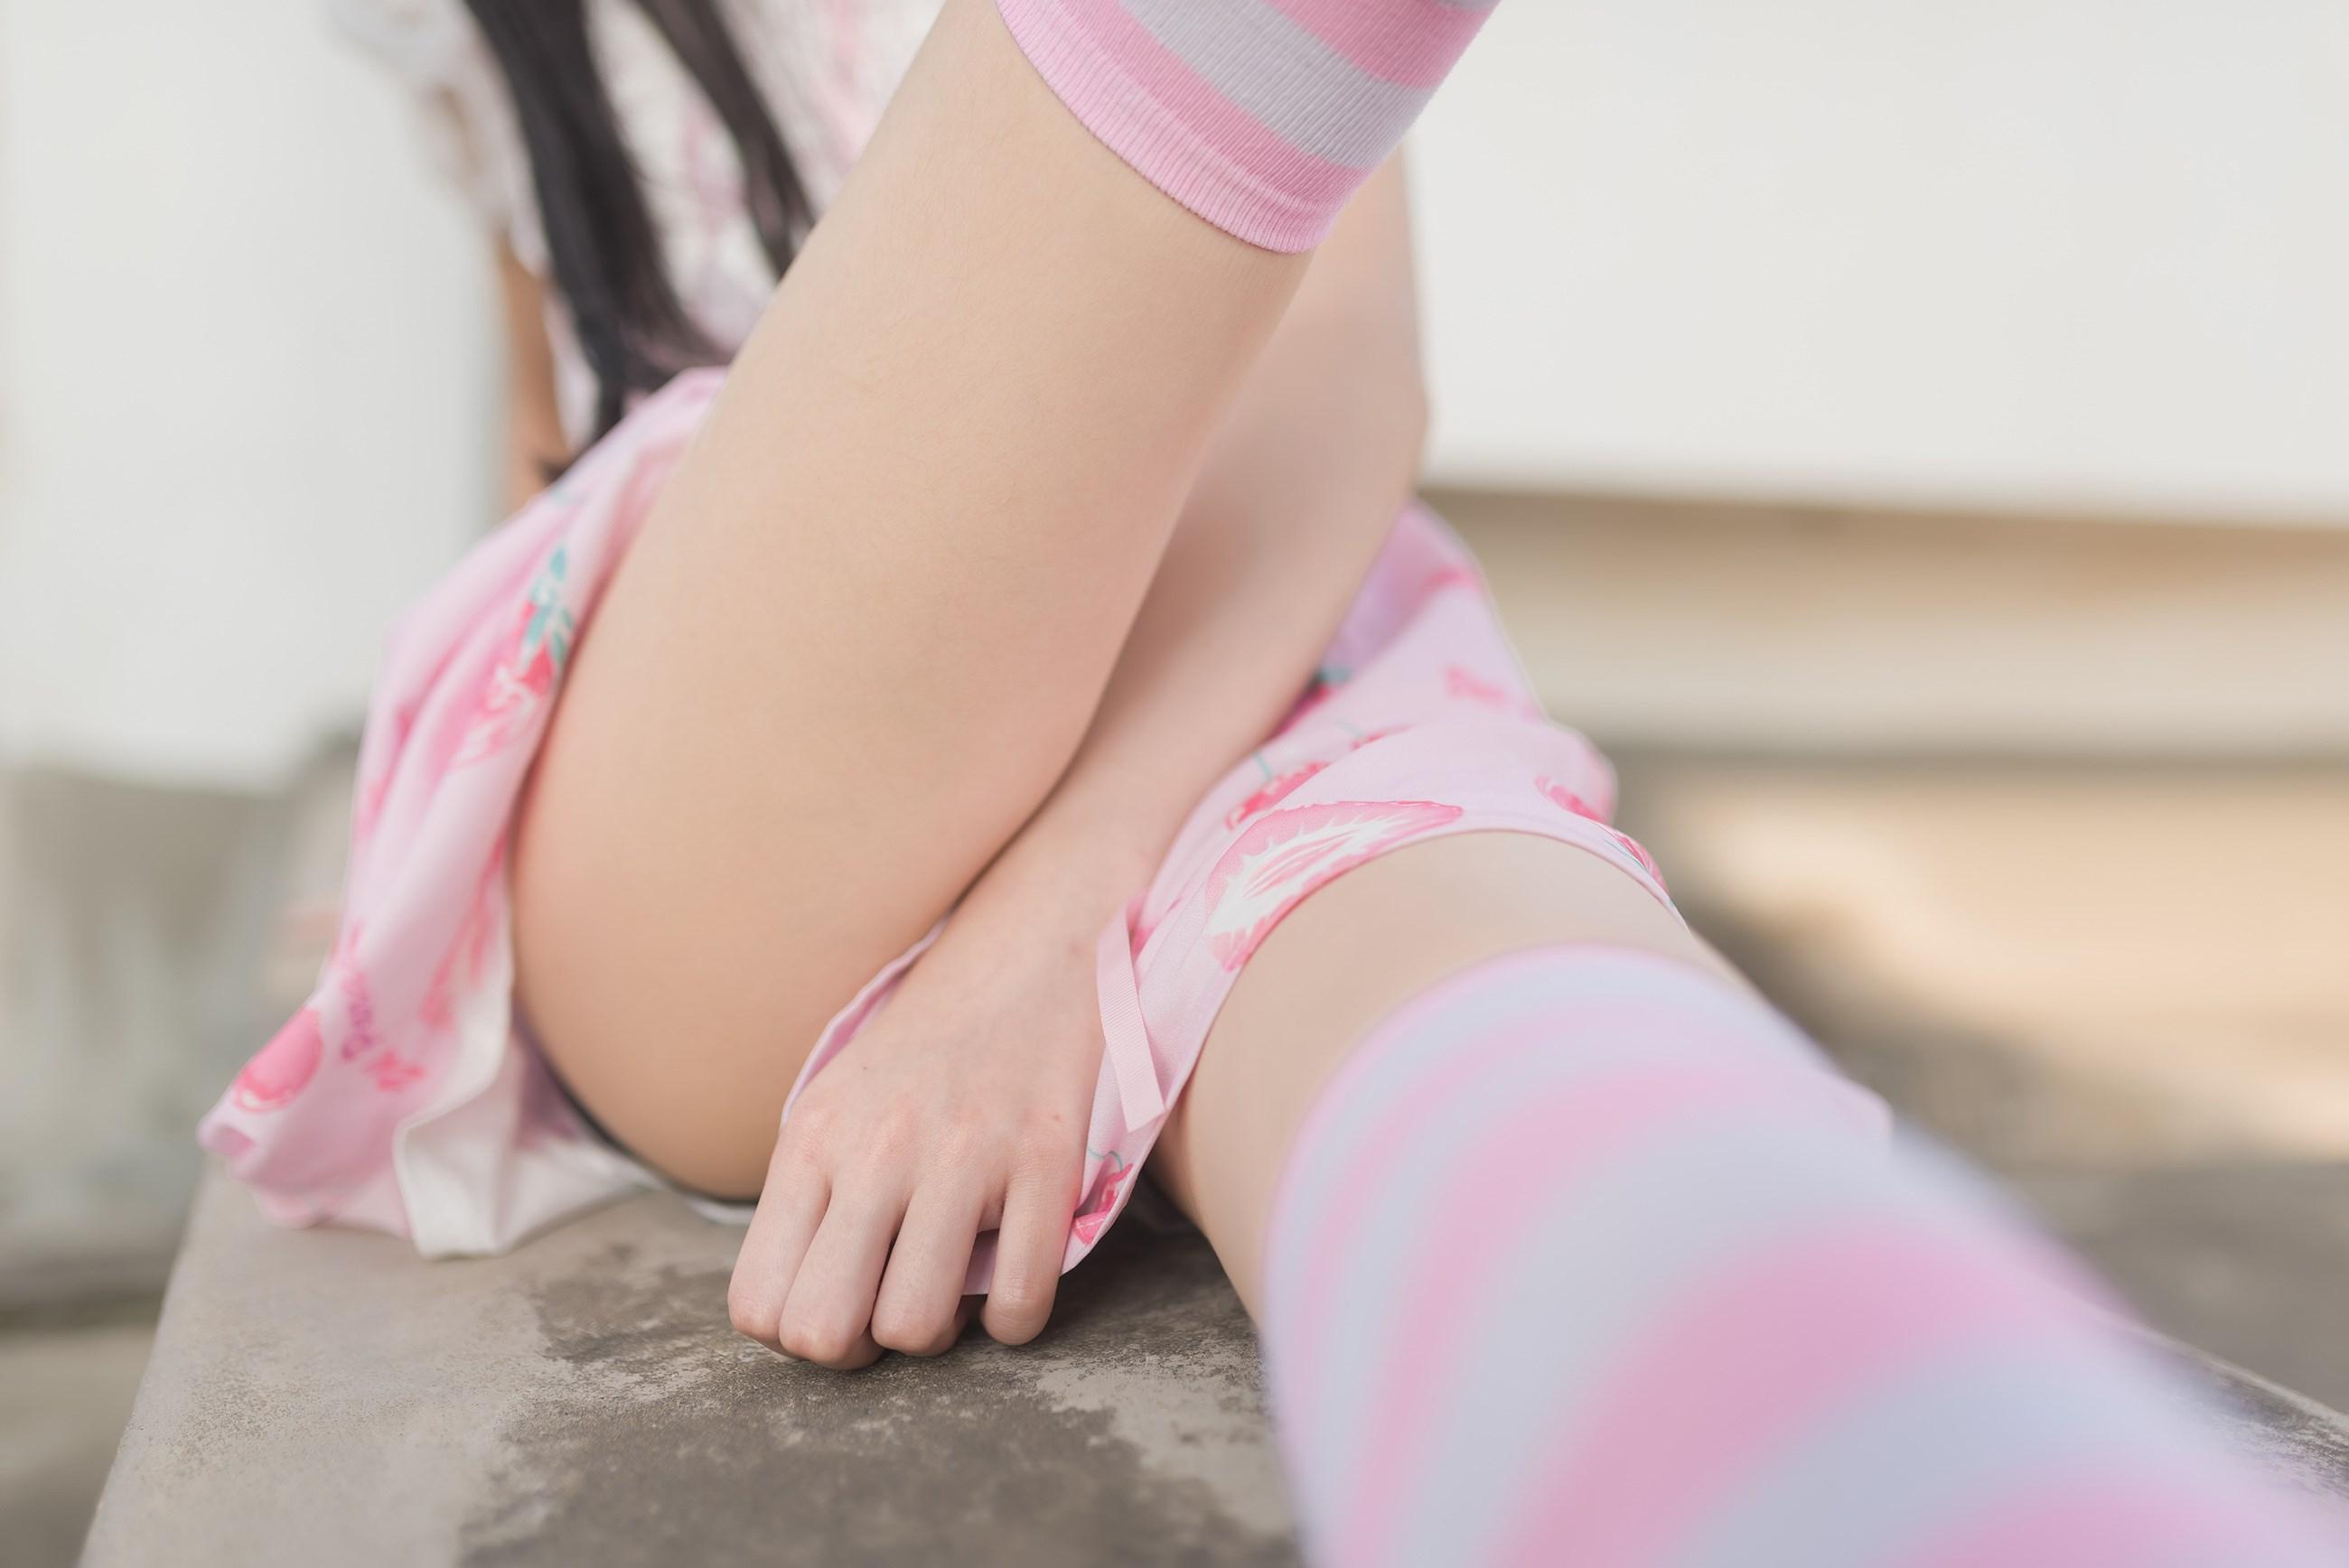 【兔玩映画】粉白条纹 兔玩映画 第11张